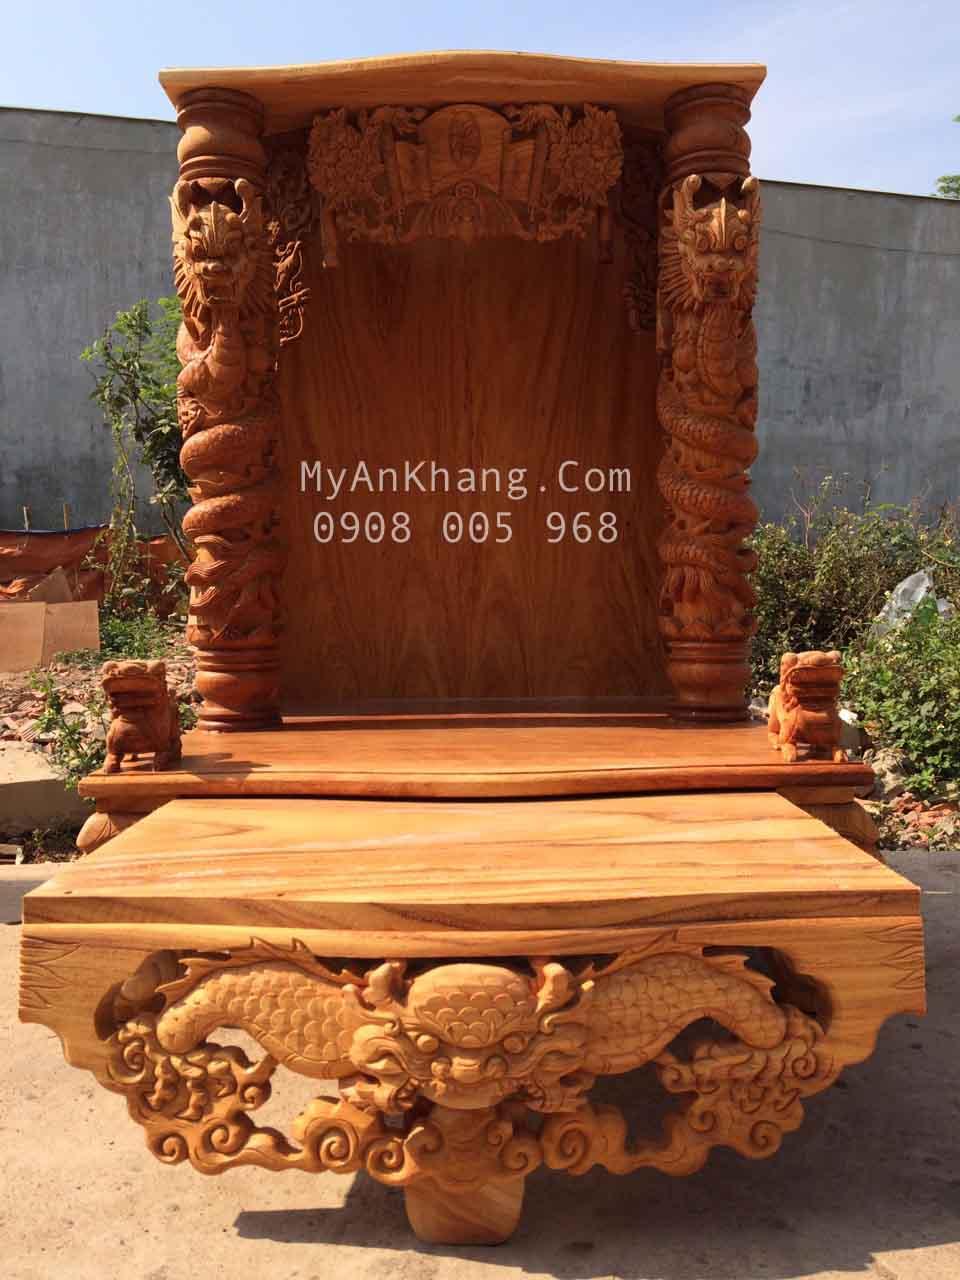 Bàn thờ ông địa đẹp độc đáo kích thước lớn 89 x 89 x 127 cm